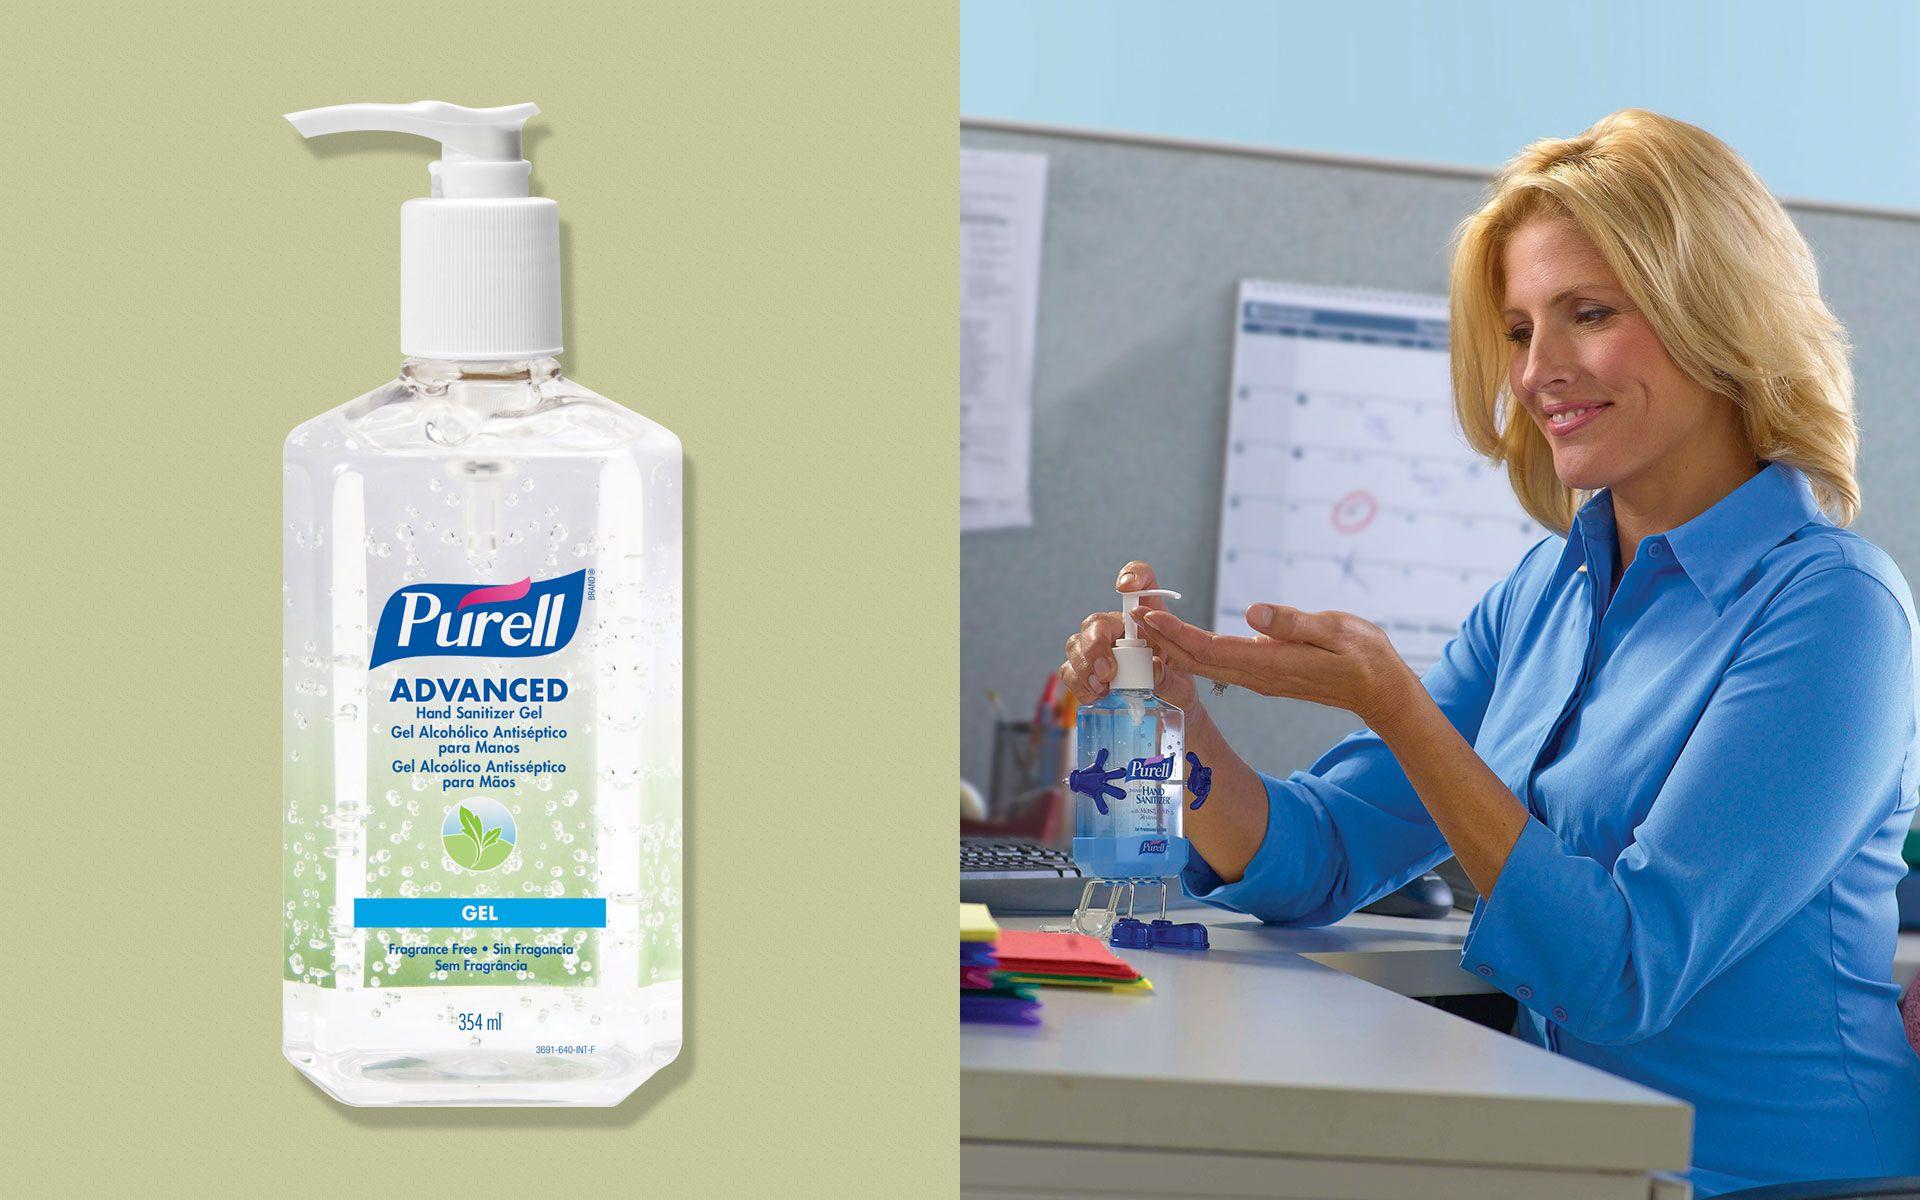 Álcool Gel PURELL para as mãos 354 ml - Kit com 12 unidades - Validade 06/2022.  - Limpo e Organizado